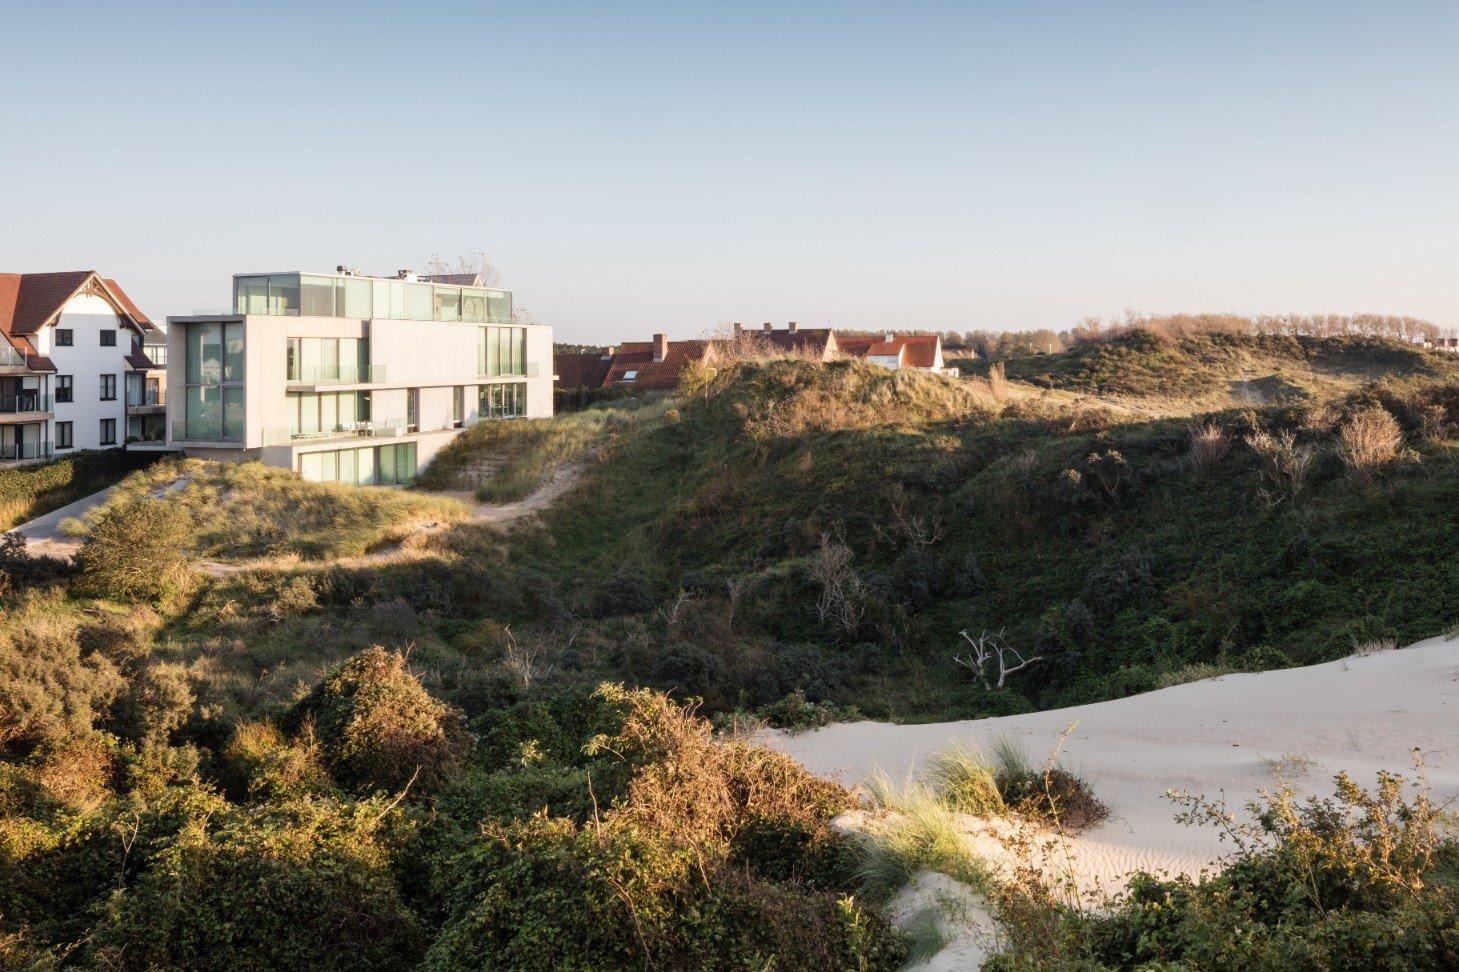 Rietveldprojects-saarinen-appartement-design-architectuur-kust-tvdv17